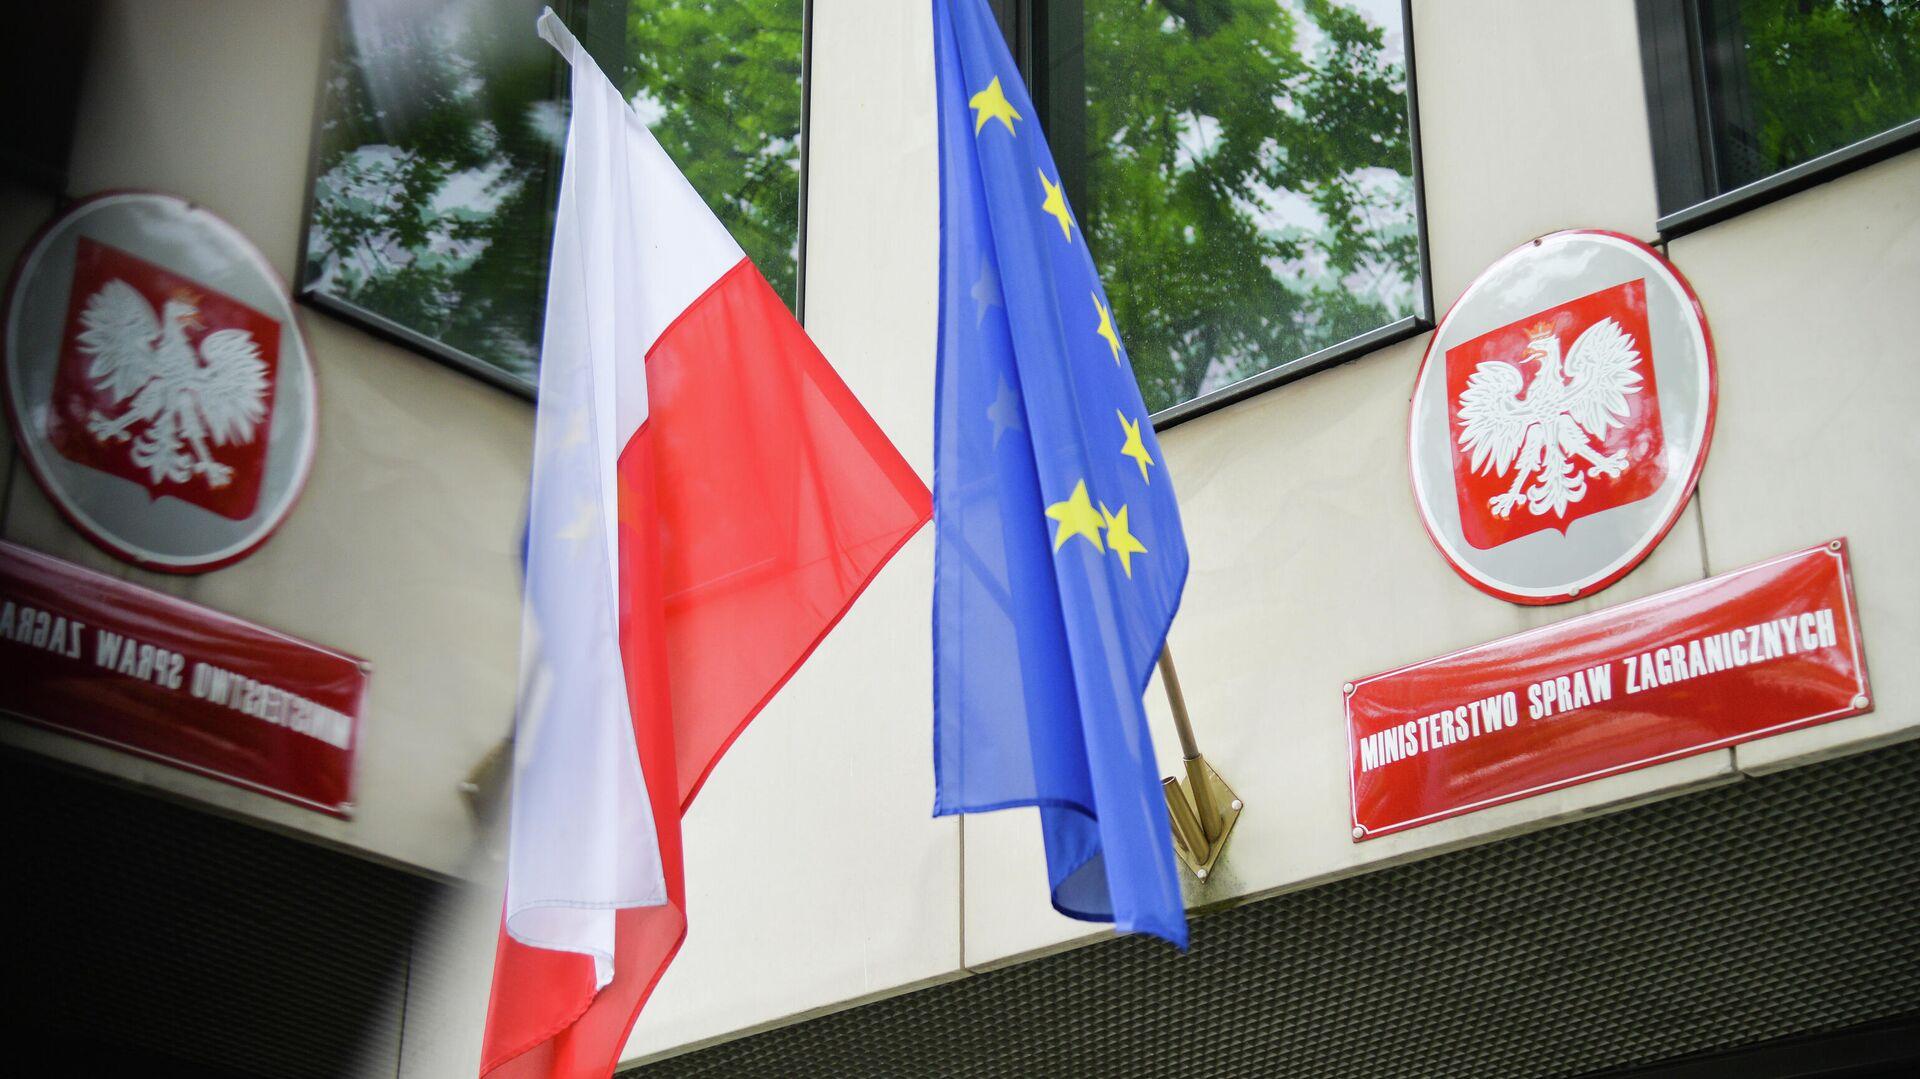 Государственный флаг Польши и флаг Евросоюза на здании Министерства иностранных дел Польши в Варшаве - РИА Новости, 1920, 14.06.2021